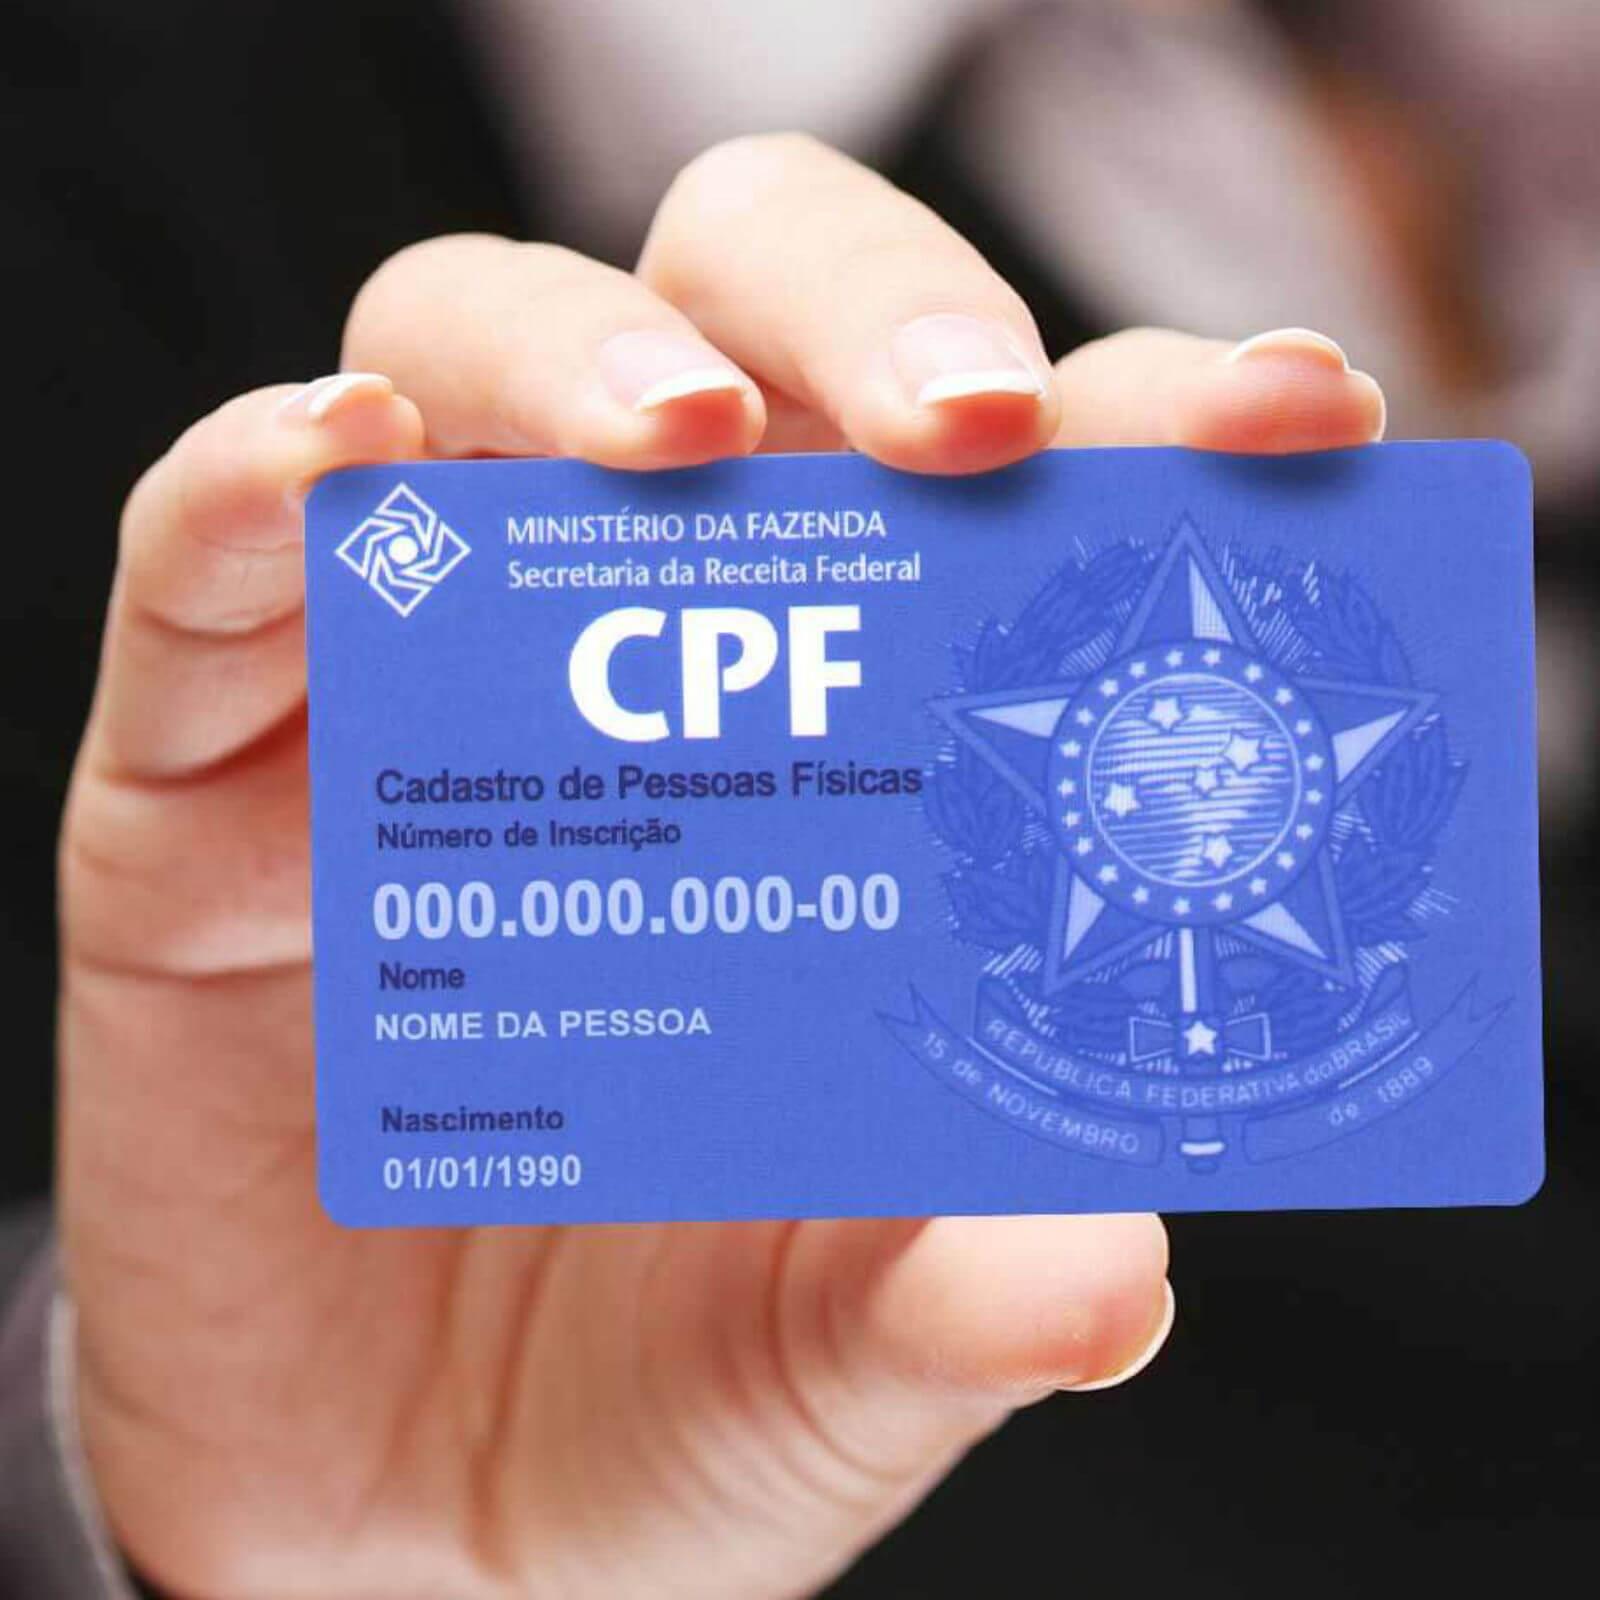 Consultas de CPF para vendas a prazo no comércio aumentaram 2,8% em 2018 | : : CidadeMarketing : :